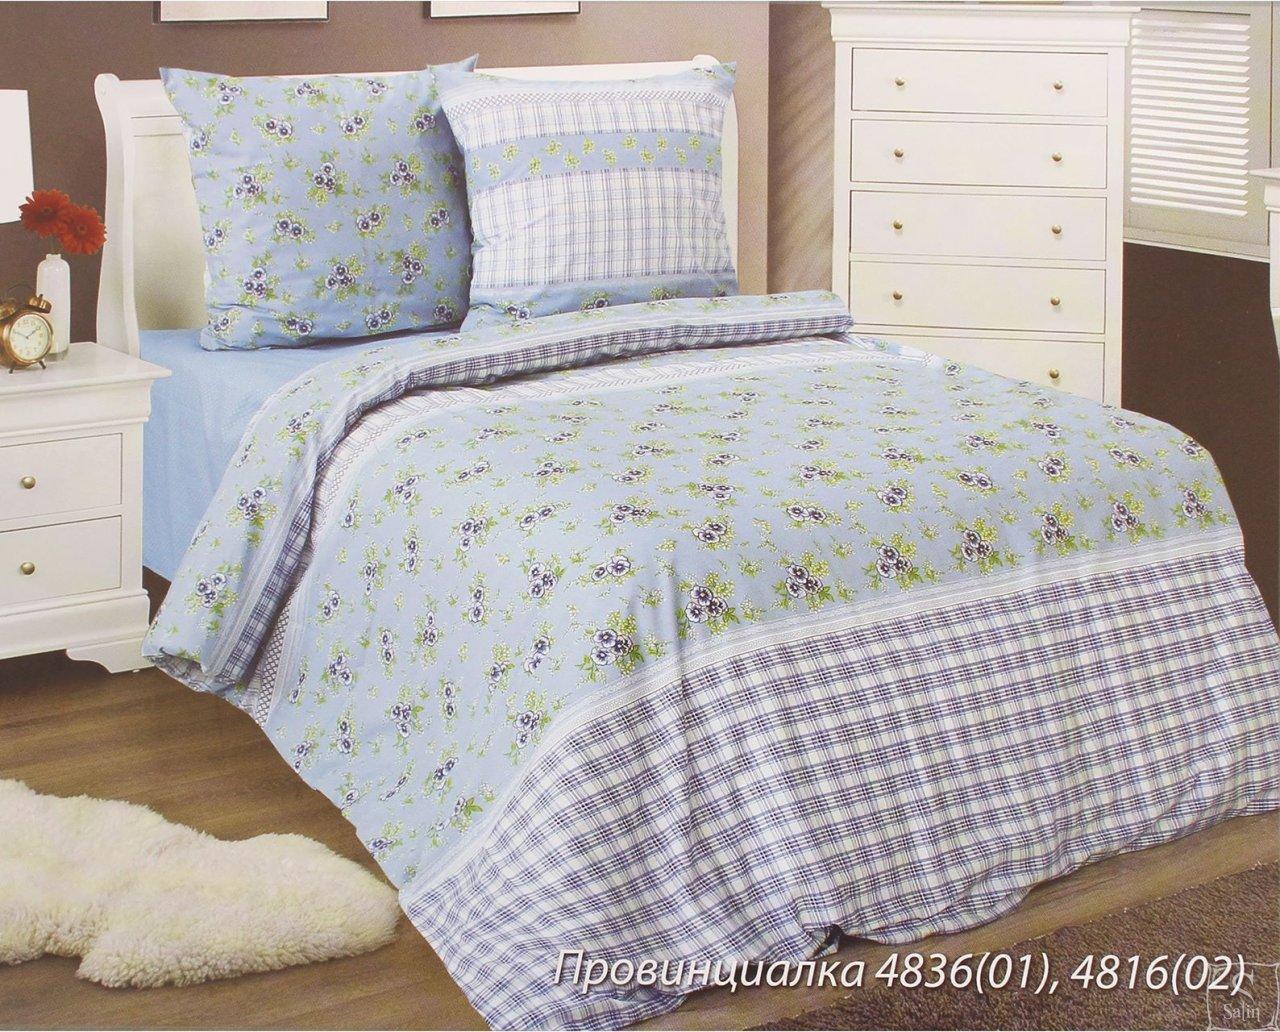 Комплект постельного белья полуторный  ПРОВИНЦИАЛКА  (навол.50*70)